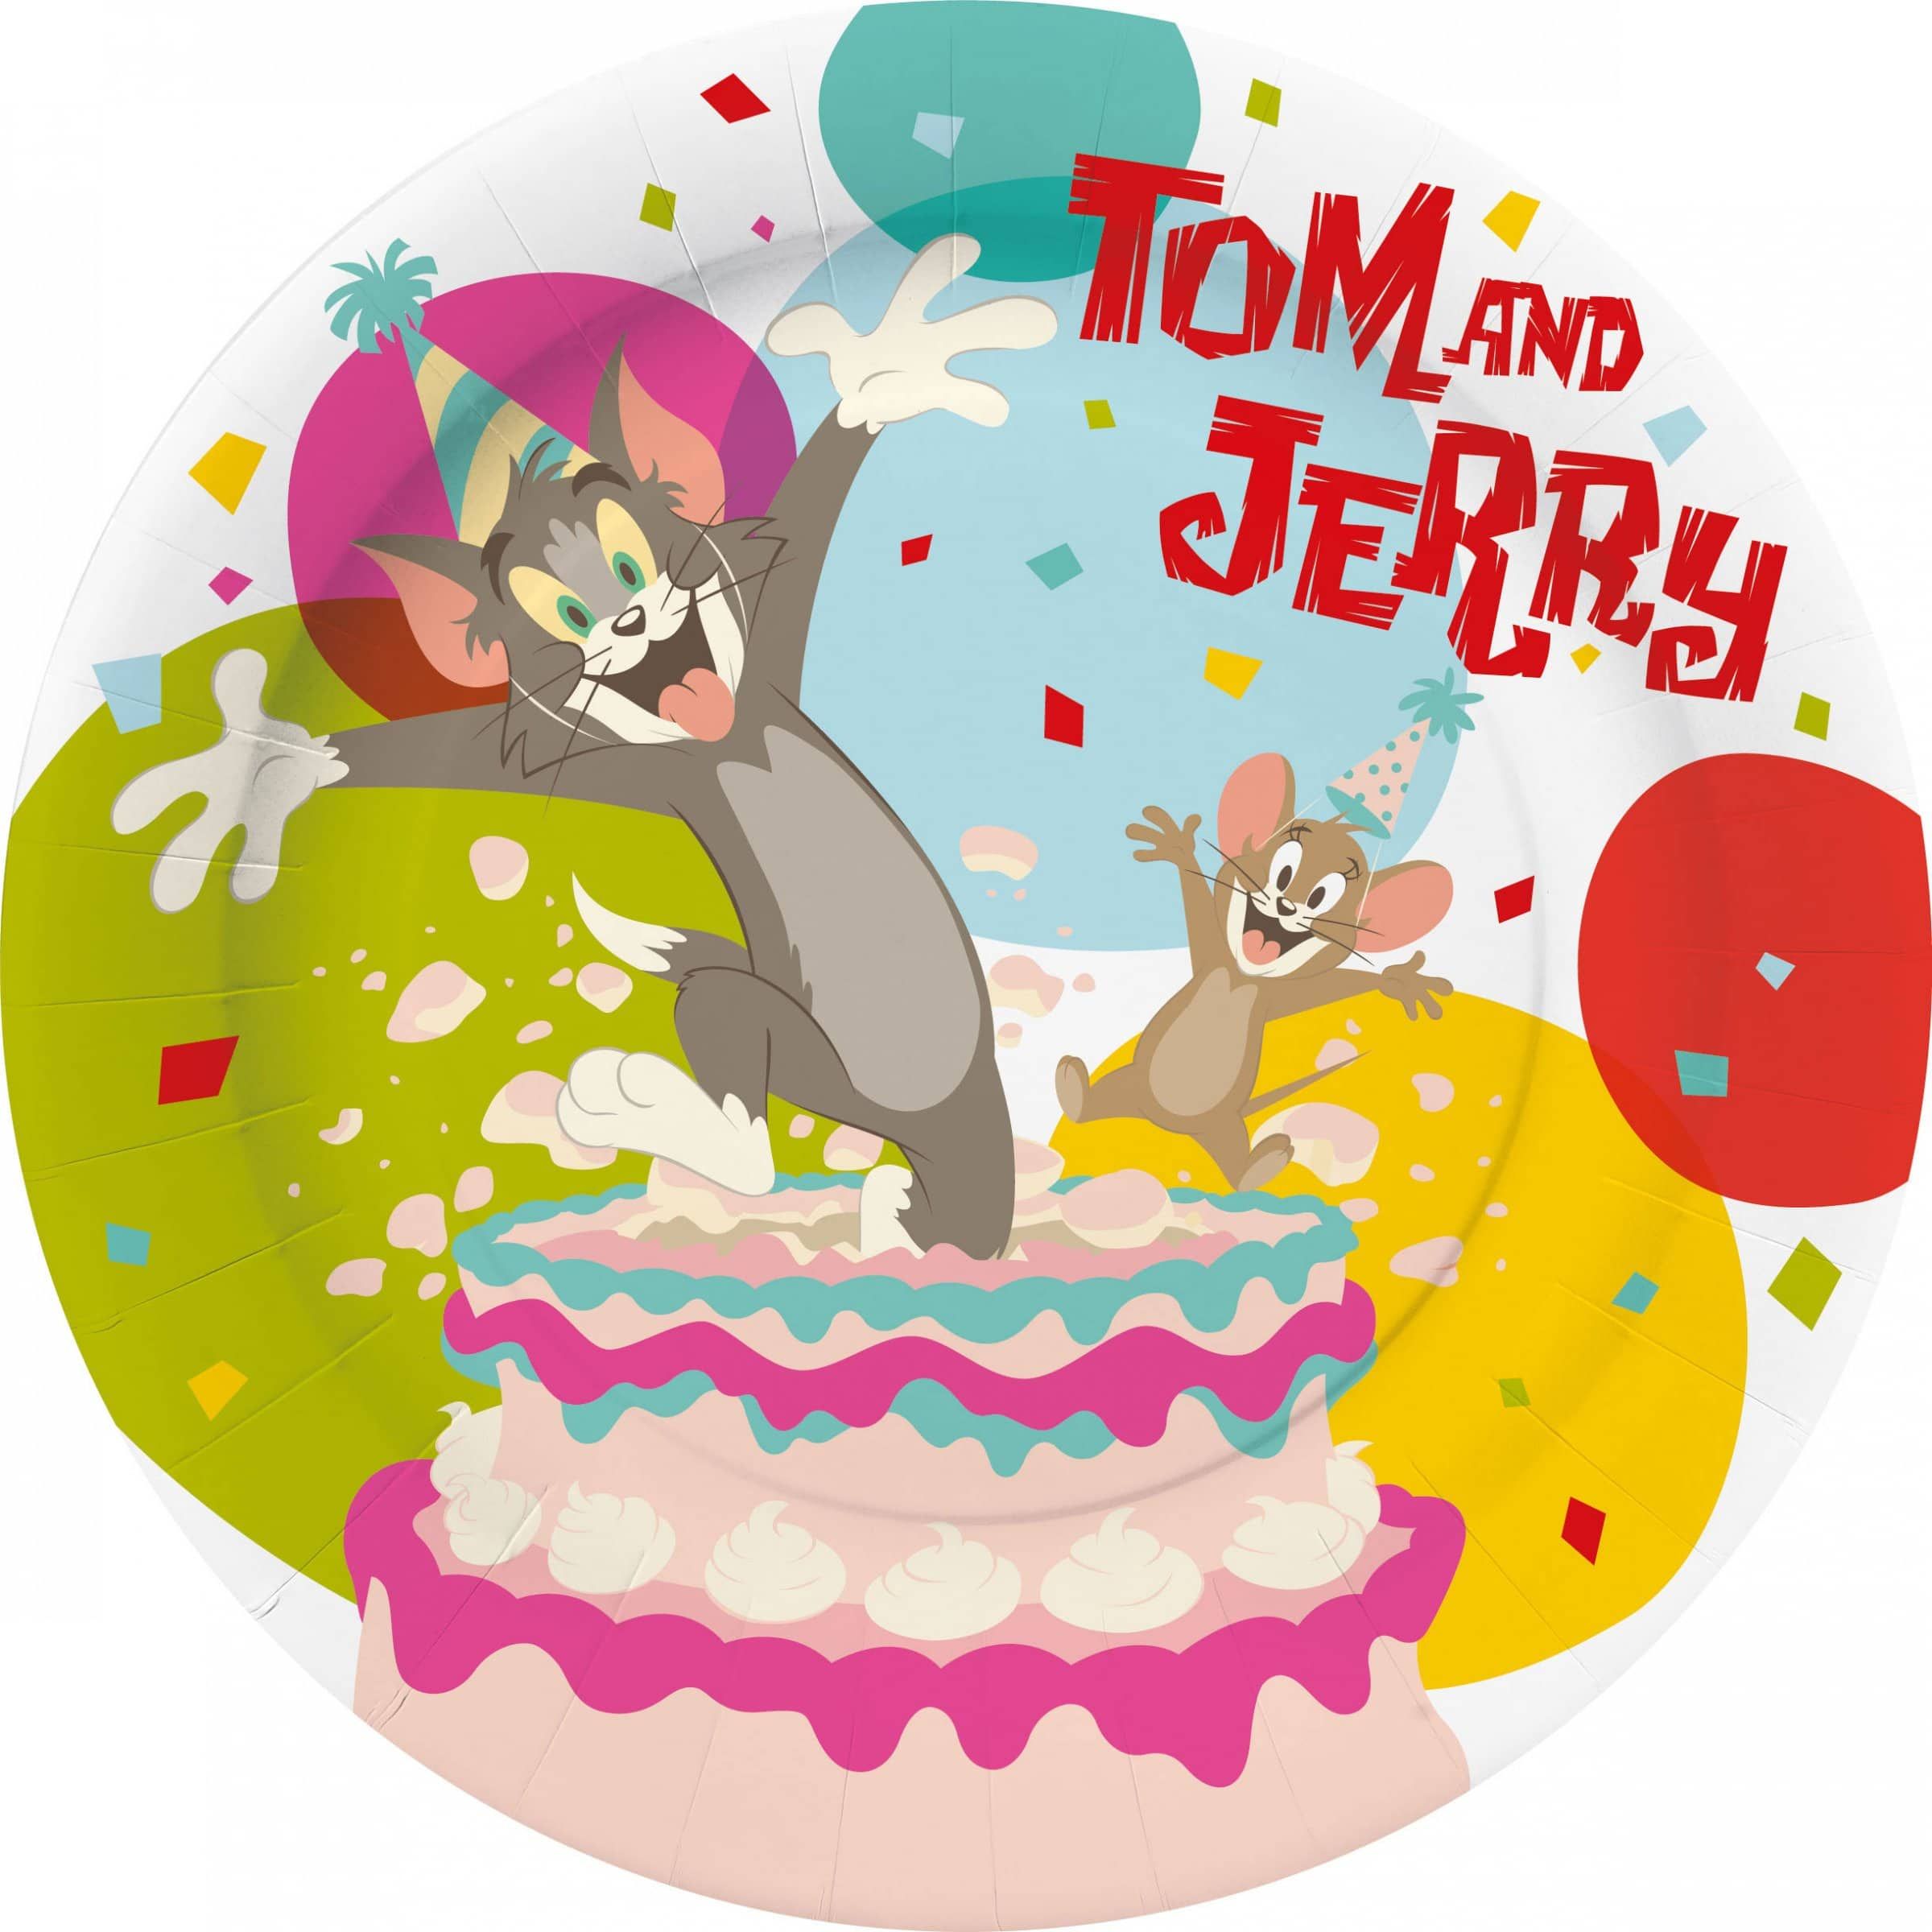 Imagenes de cumpleaños Tom y Jerry